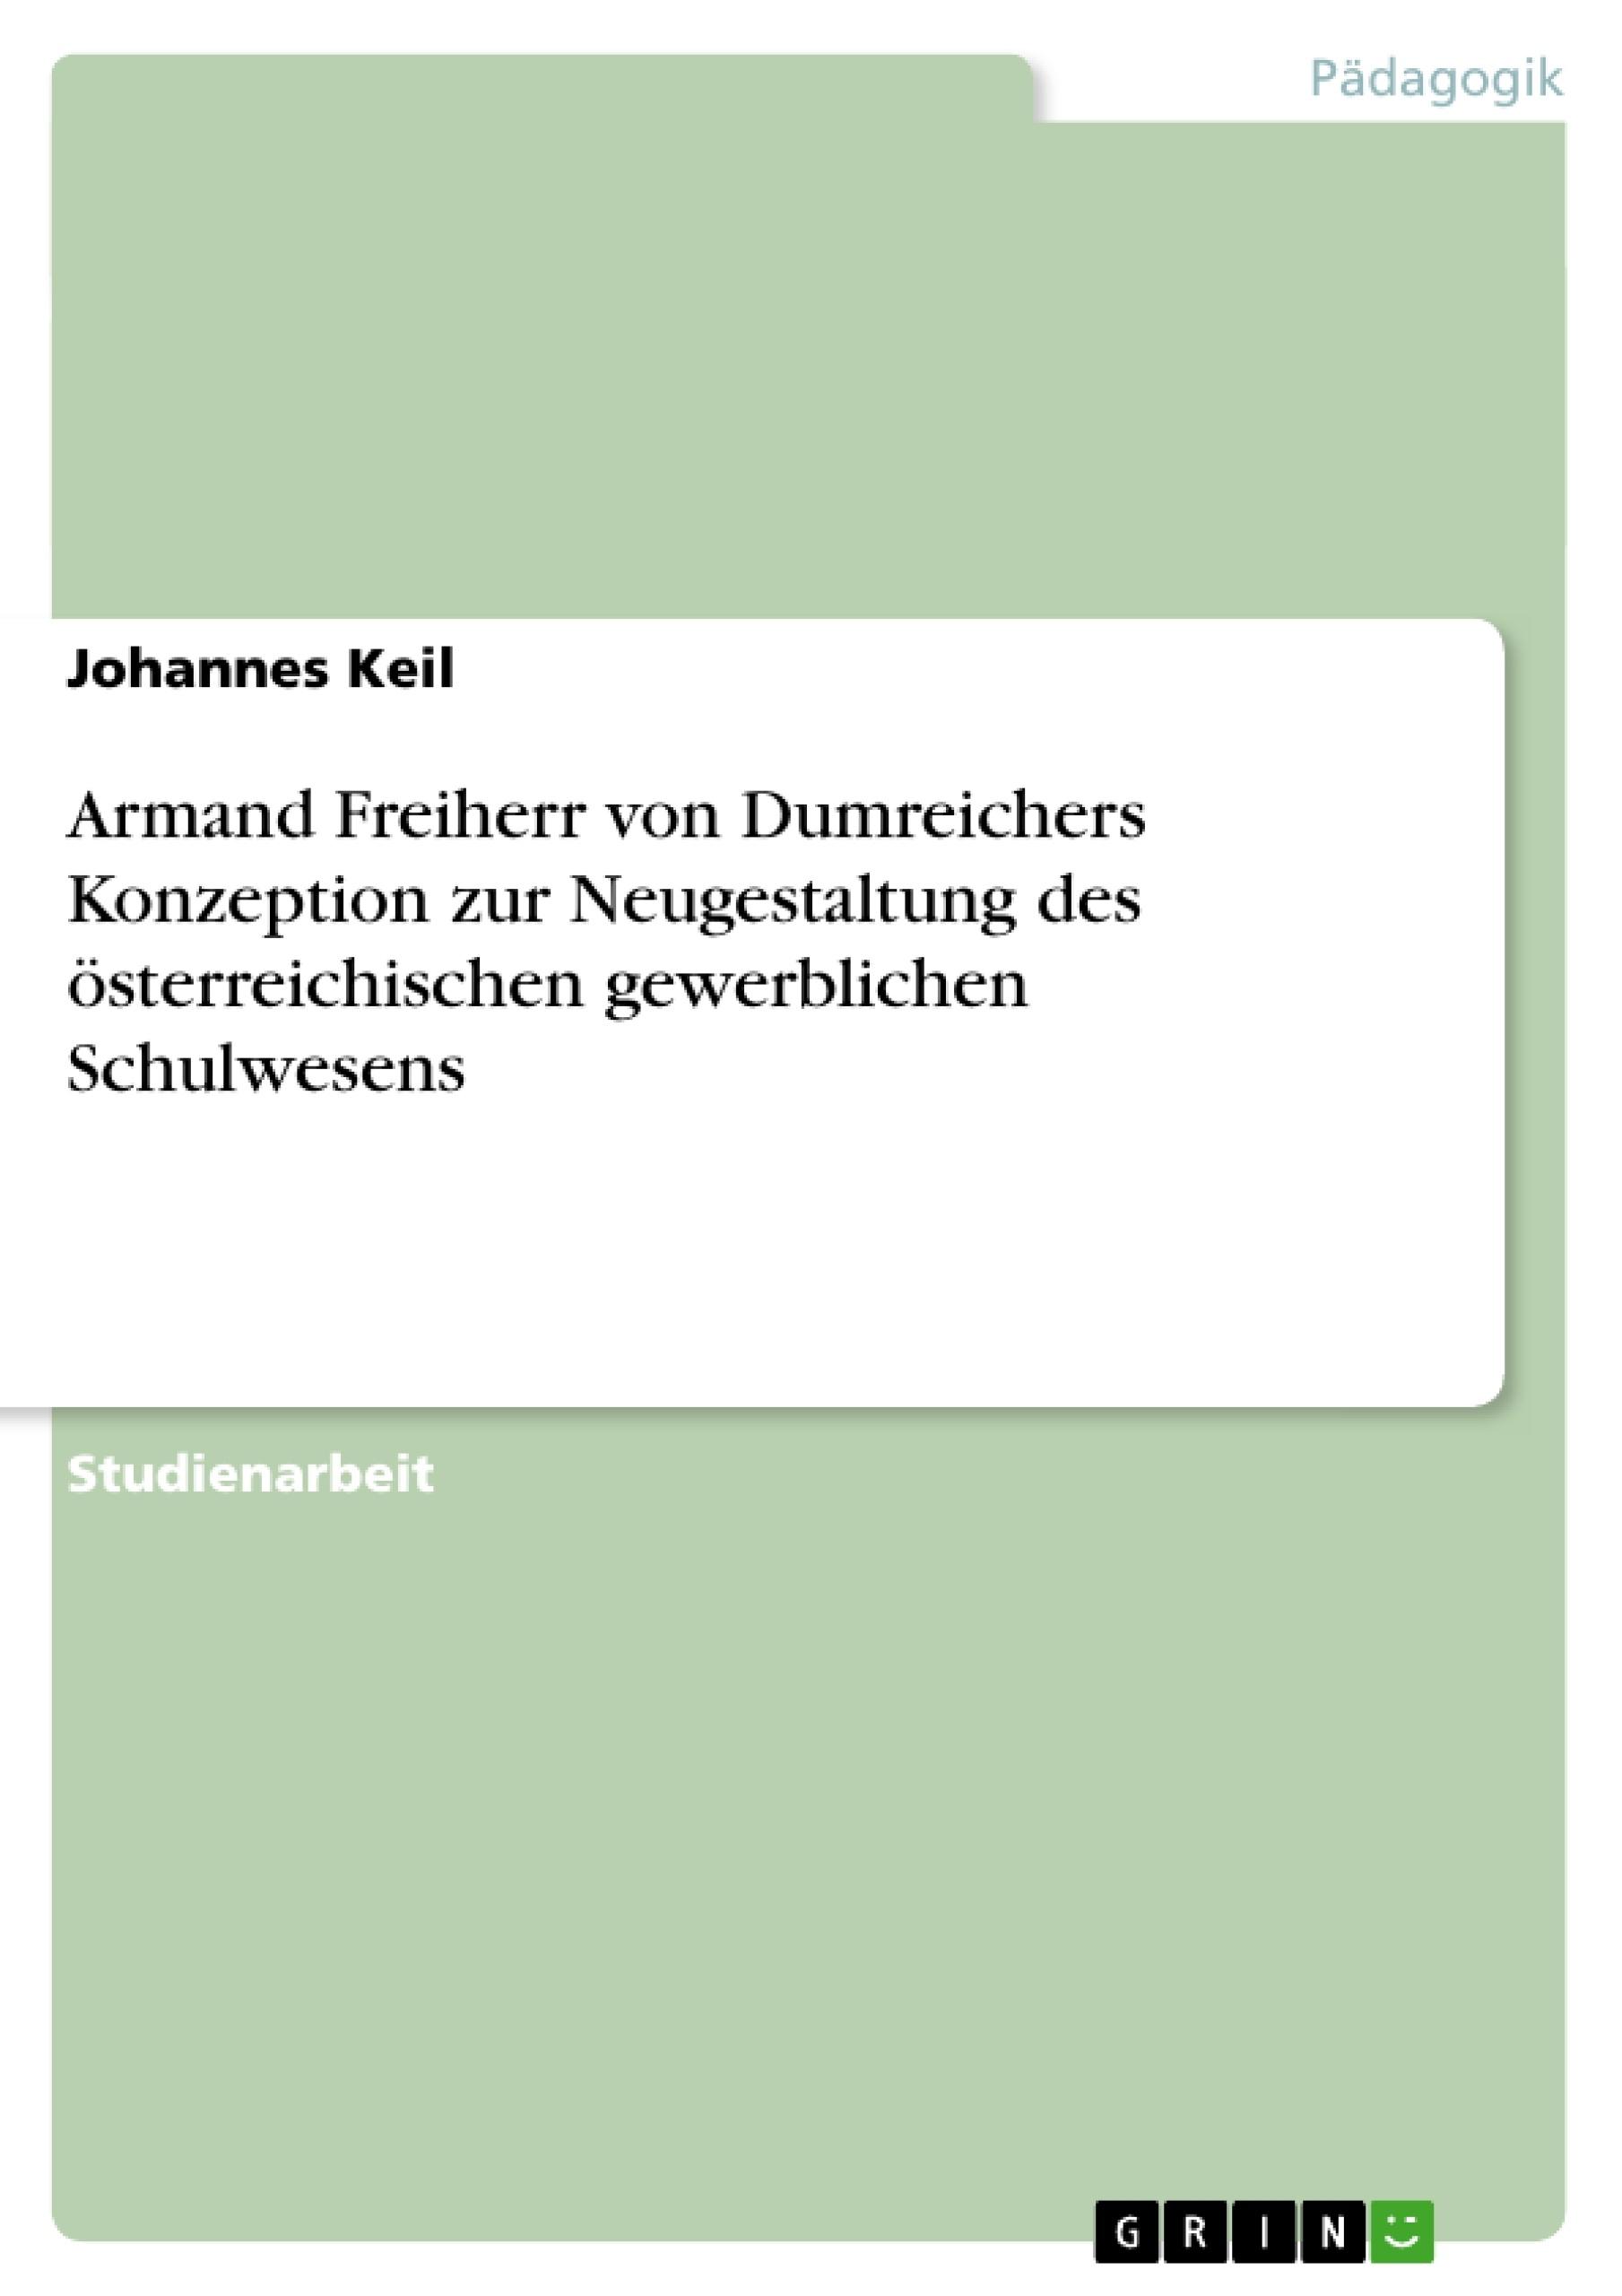 Titel: Armand Freiherr von Dumreichers Konzeption zur Neugestaltung des österreichischen gewerblichen Schulwesens